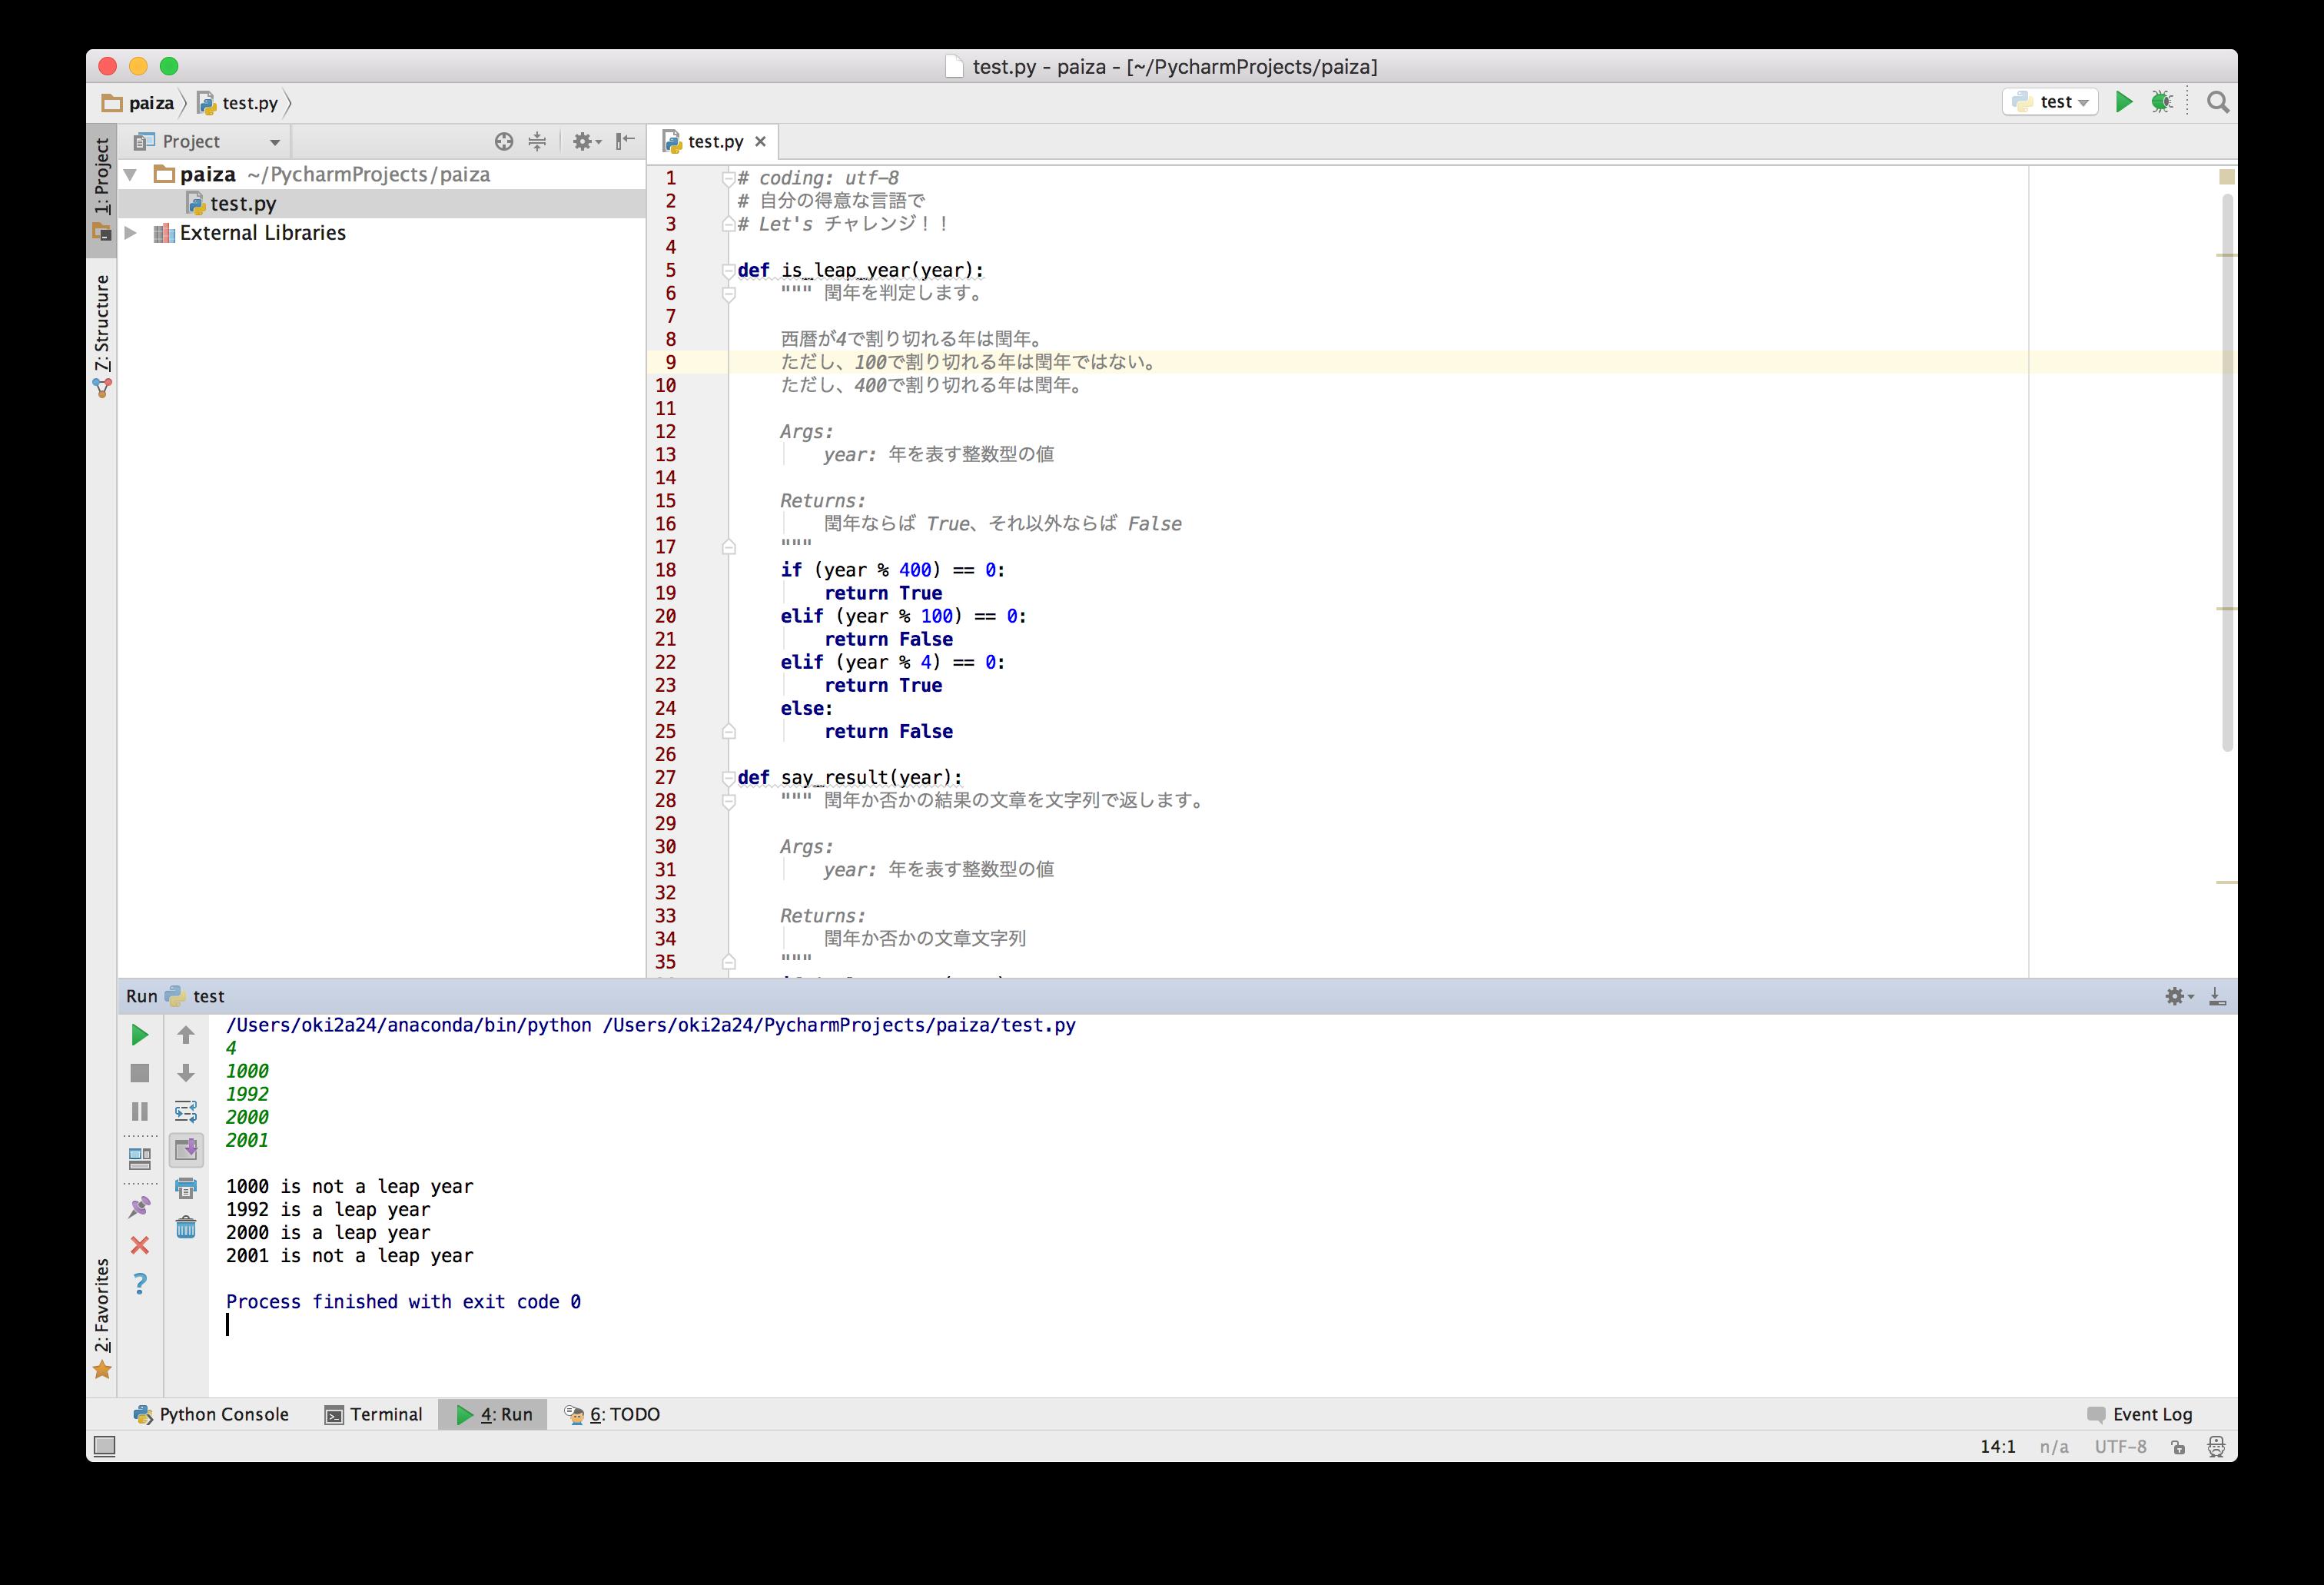 PyCharmの下のブロックで入力のあるコードを実行できた。